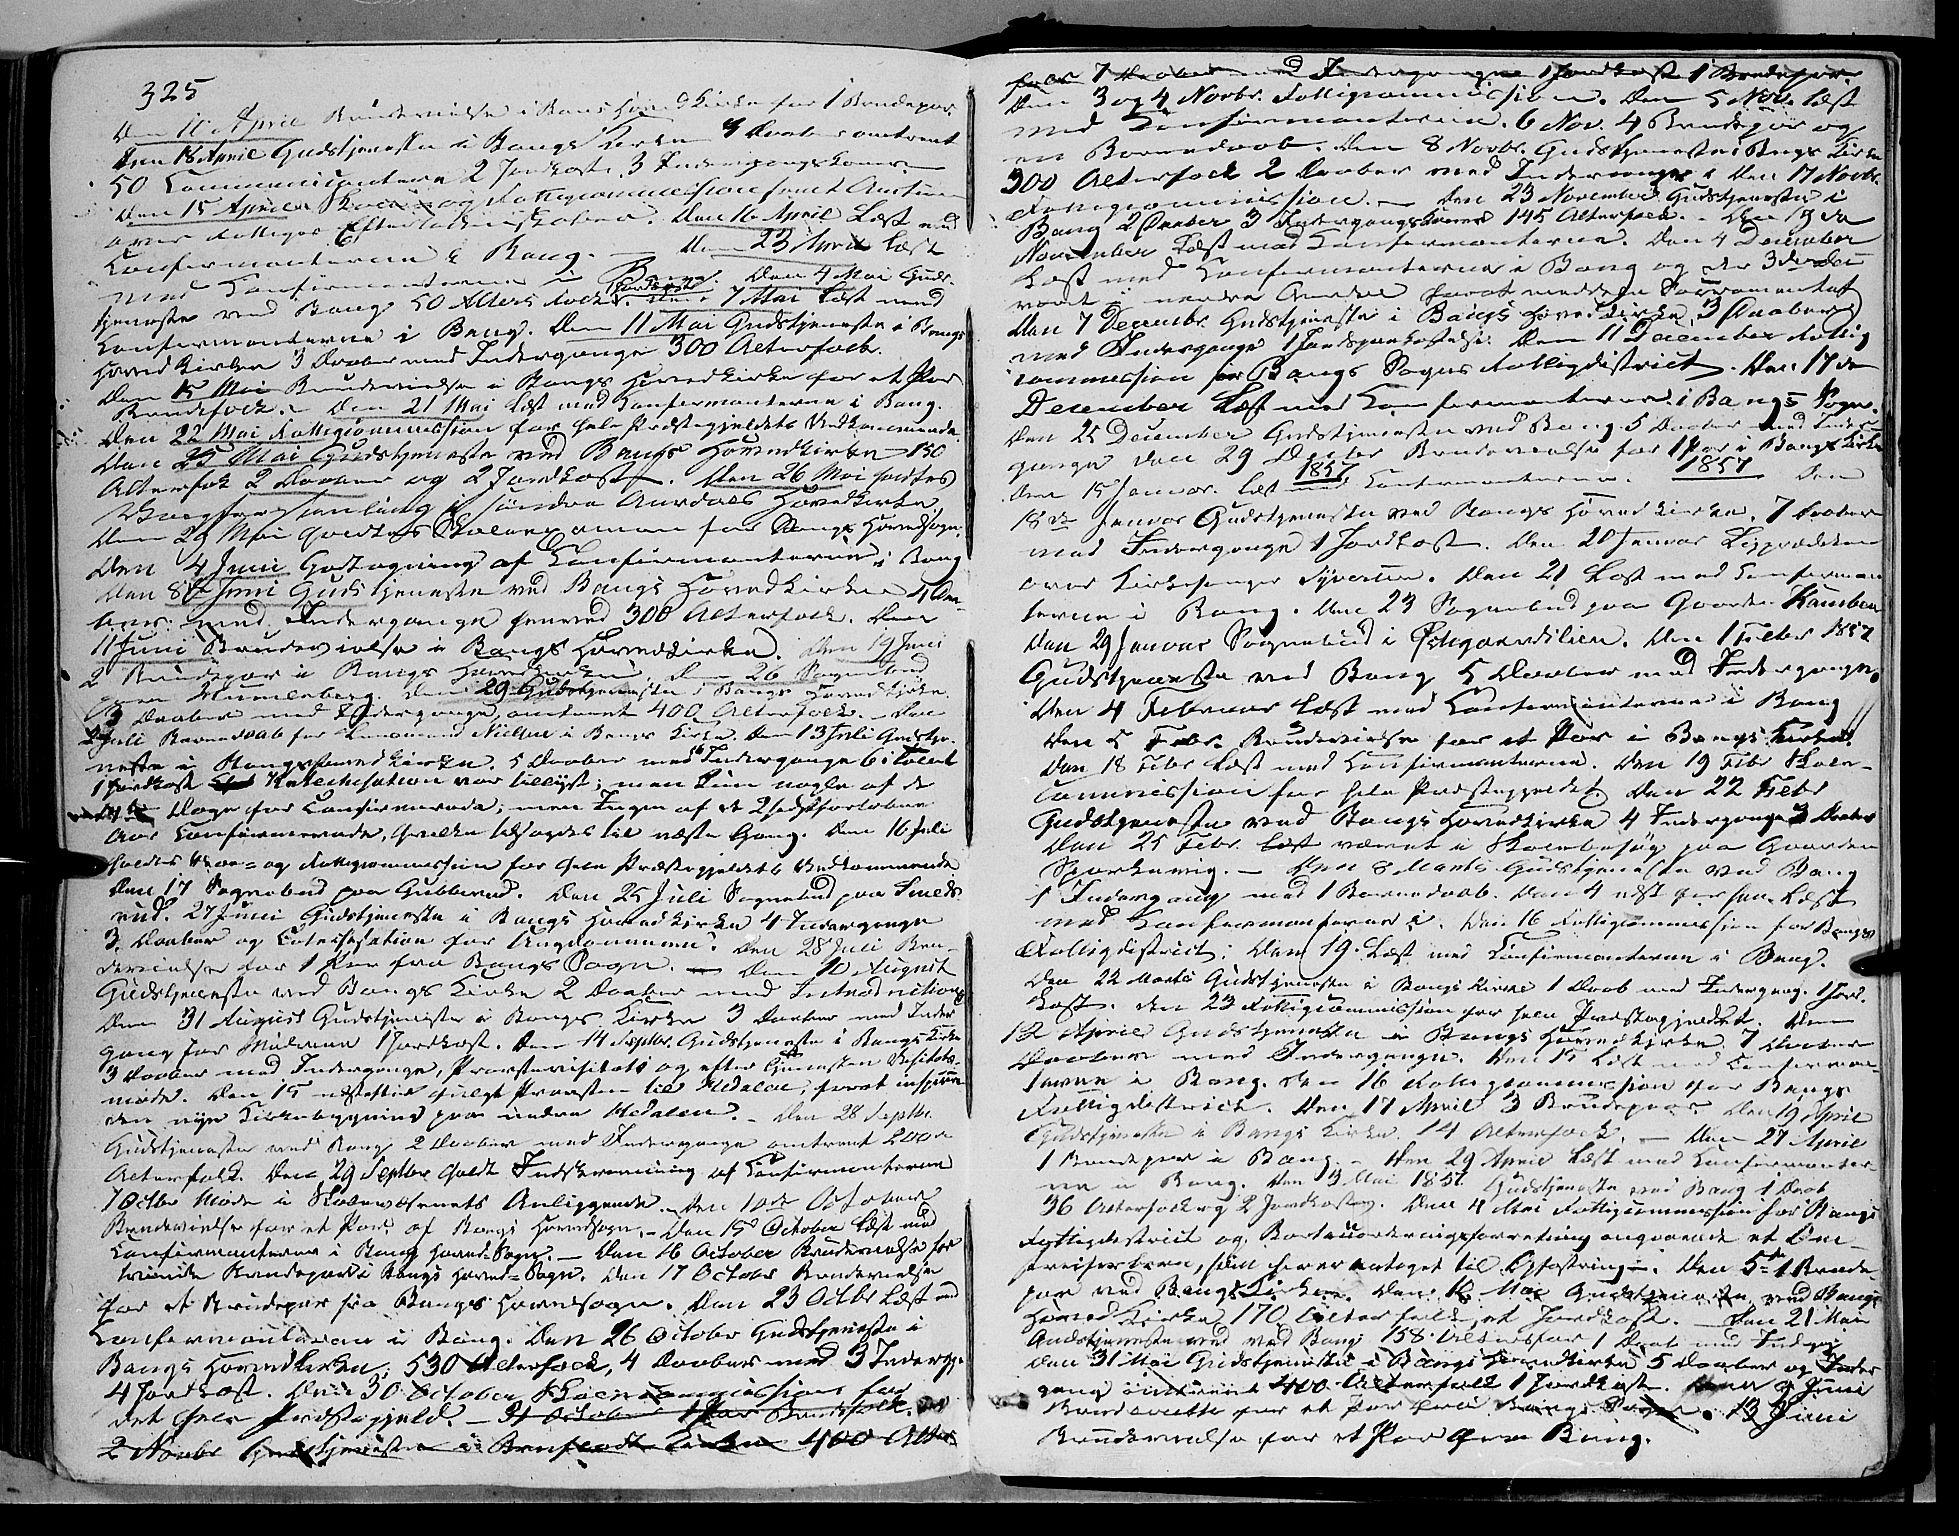 SAH, Sør-Aurdal prestekontor, Ministerialbok nr. 5, 1849-1876, s. 325